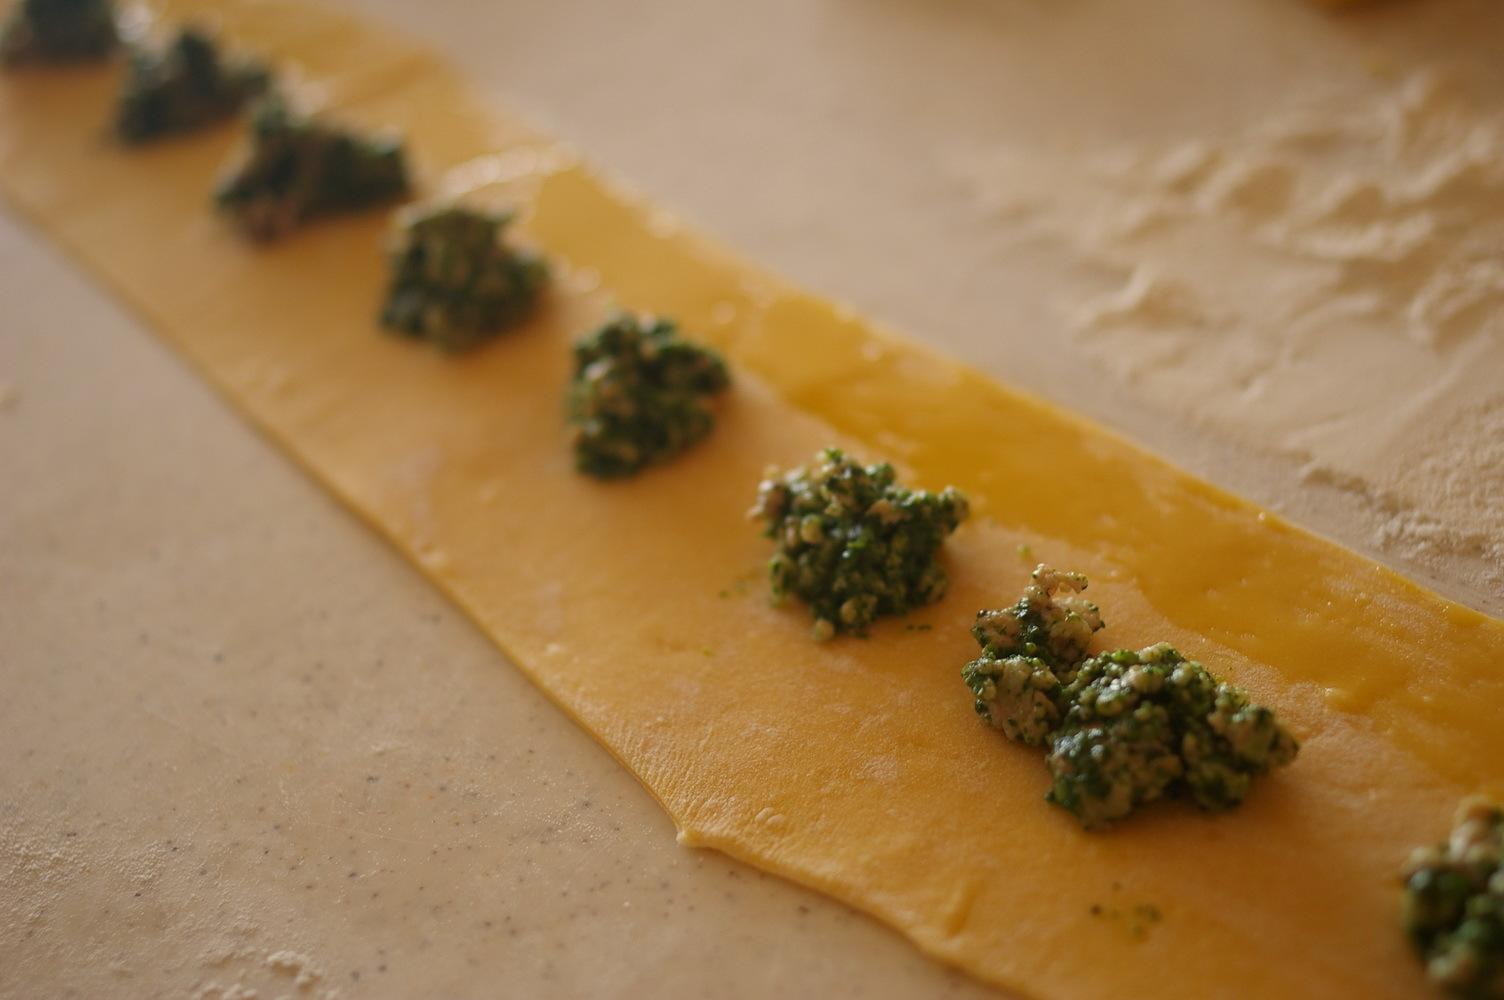 ほうれん草とチーズのラビオリを作ってみる_d0327373_19584970.jpg